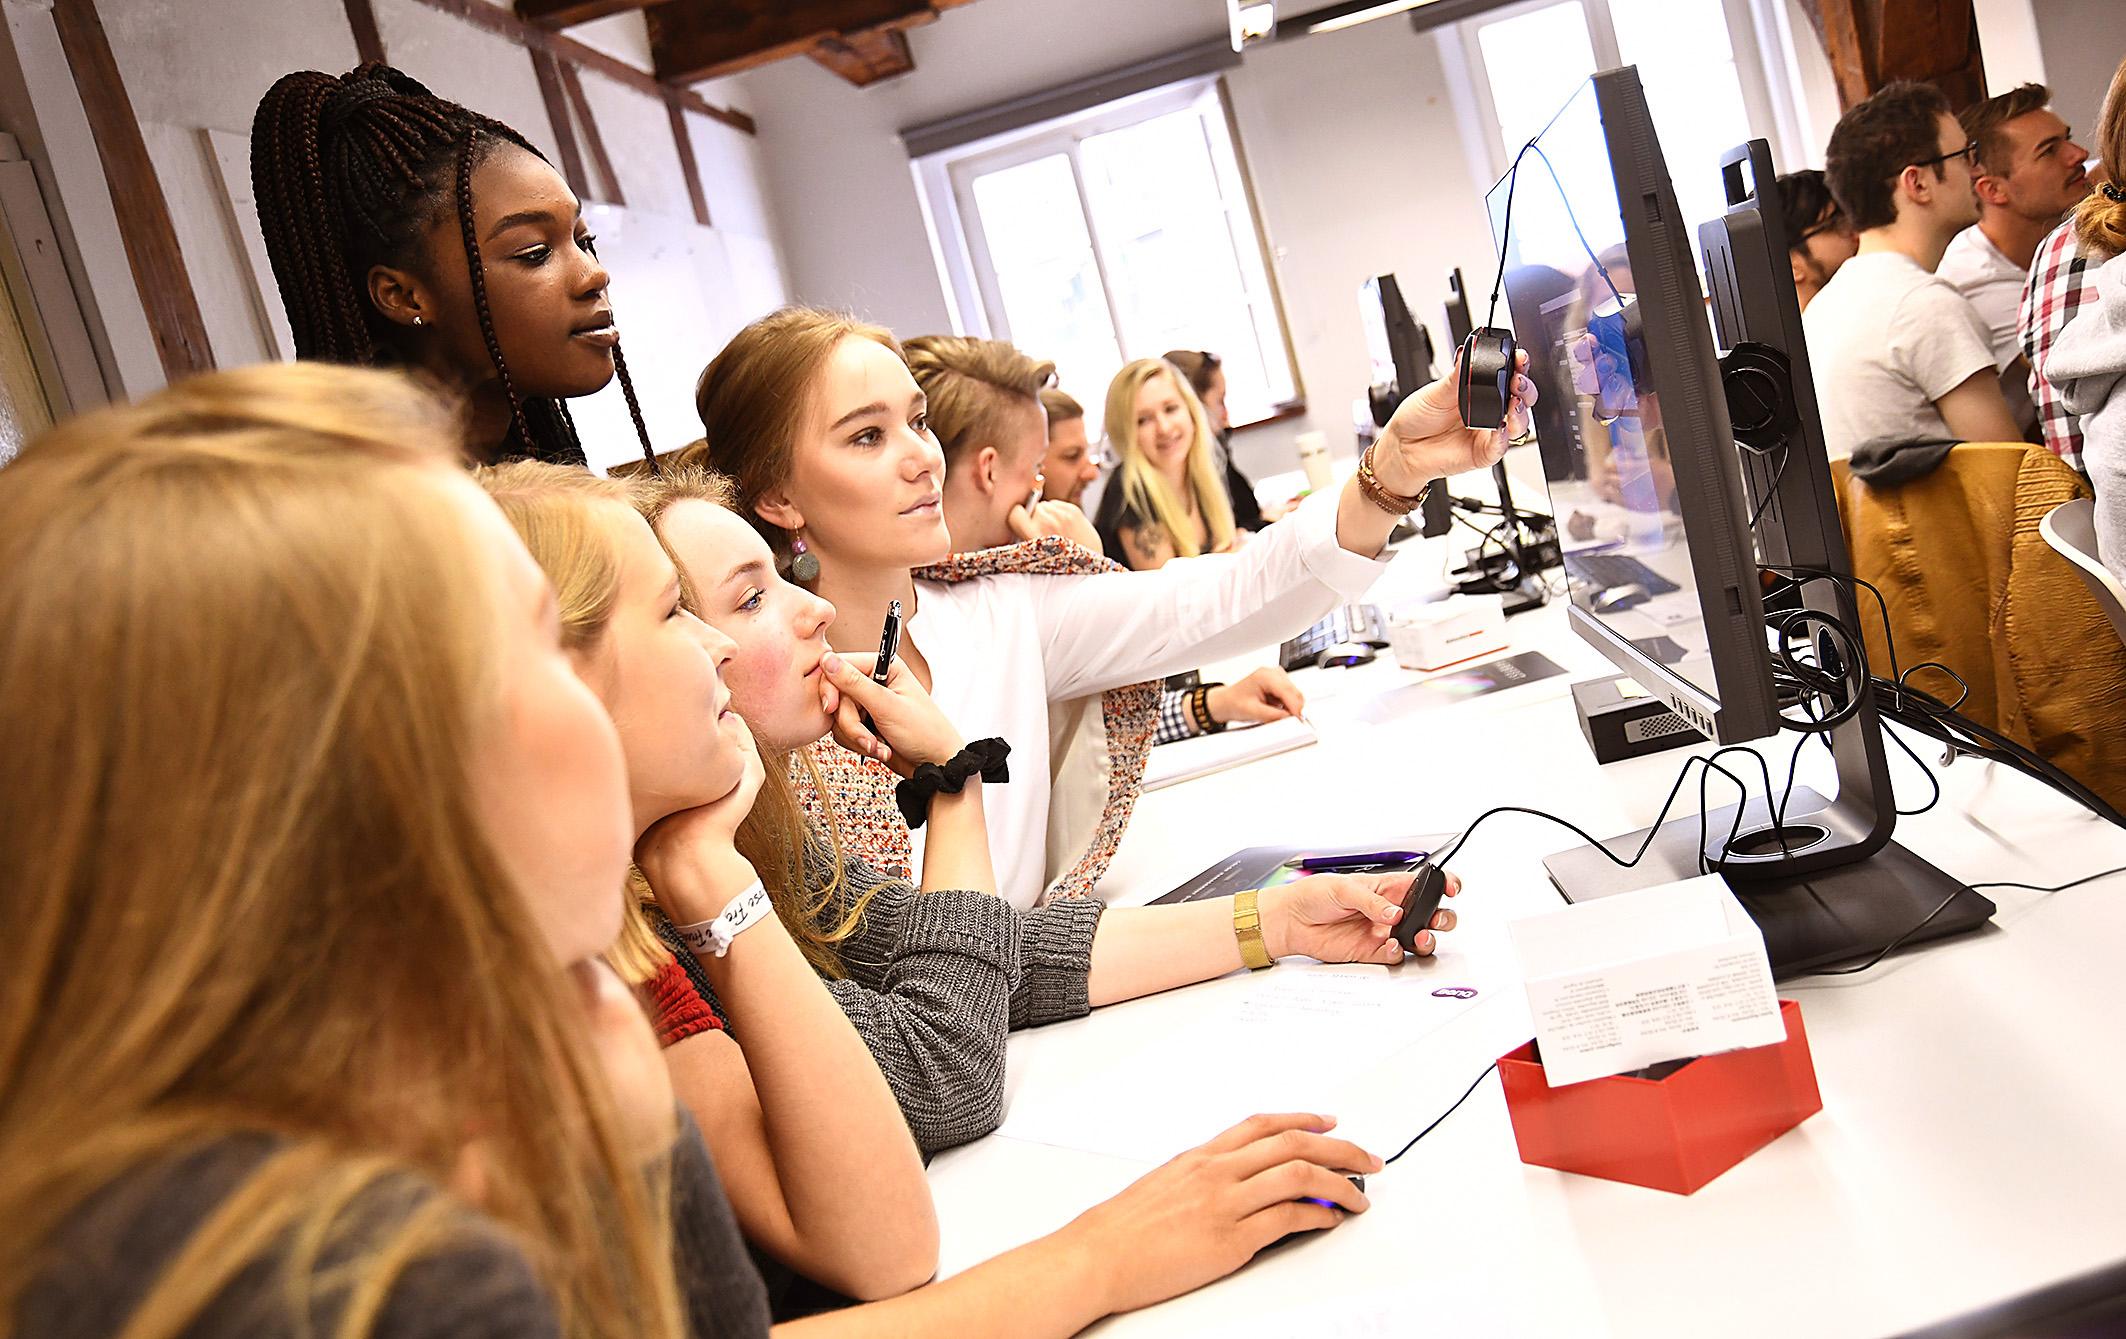 Kalibrierworkshop IND - Studenten beim Kalibrieren 3 - Foto Michael B. Rehders - Hamburg 2018